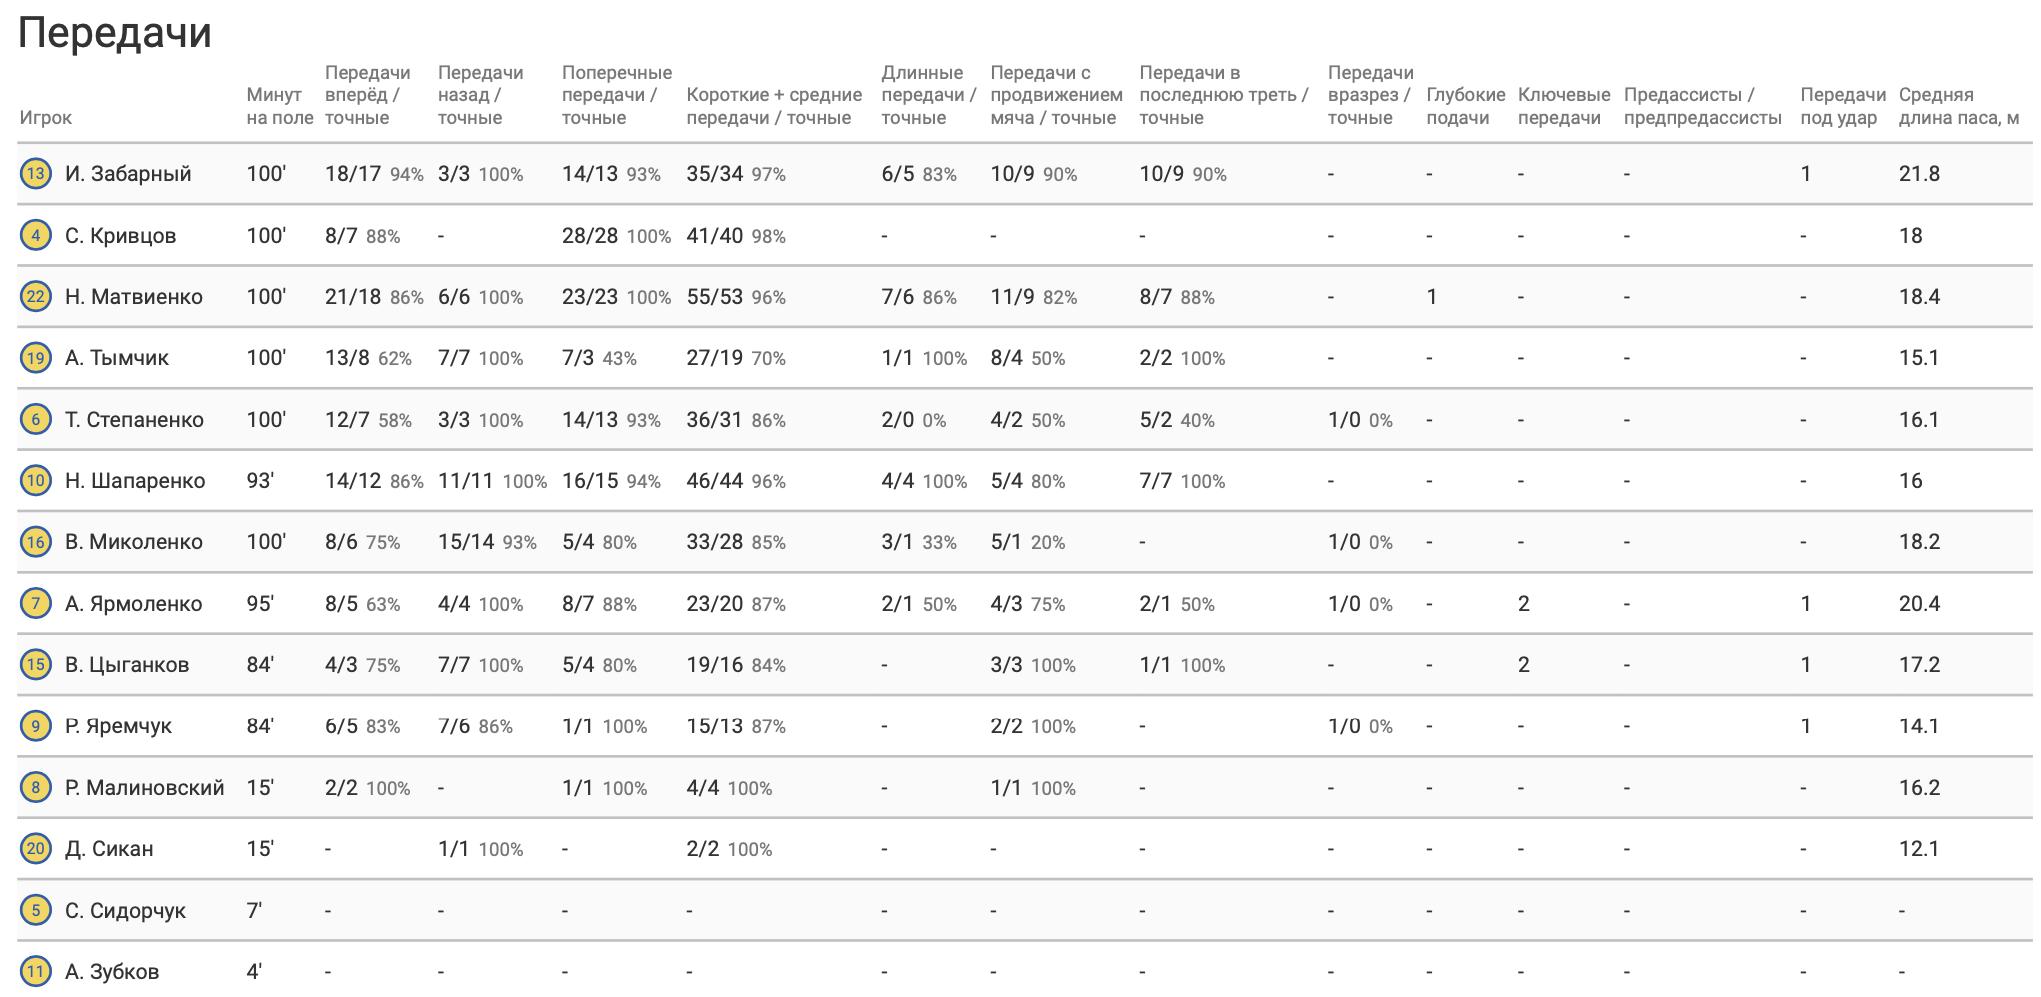 Украина - Франция: Николай Матвиенко - лучший по количеству передач, или Еще немного до французов - изображение 3